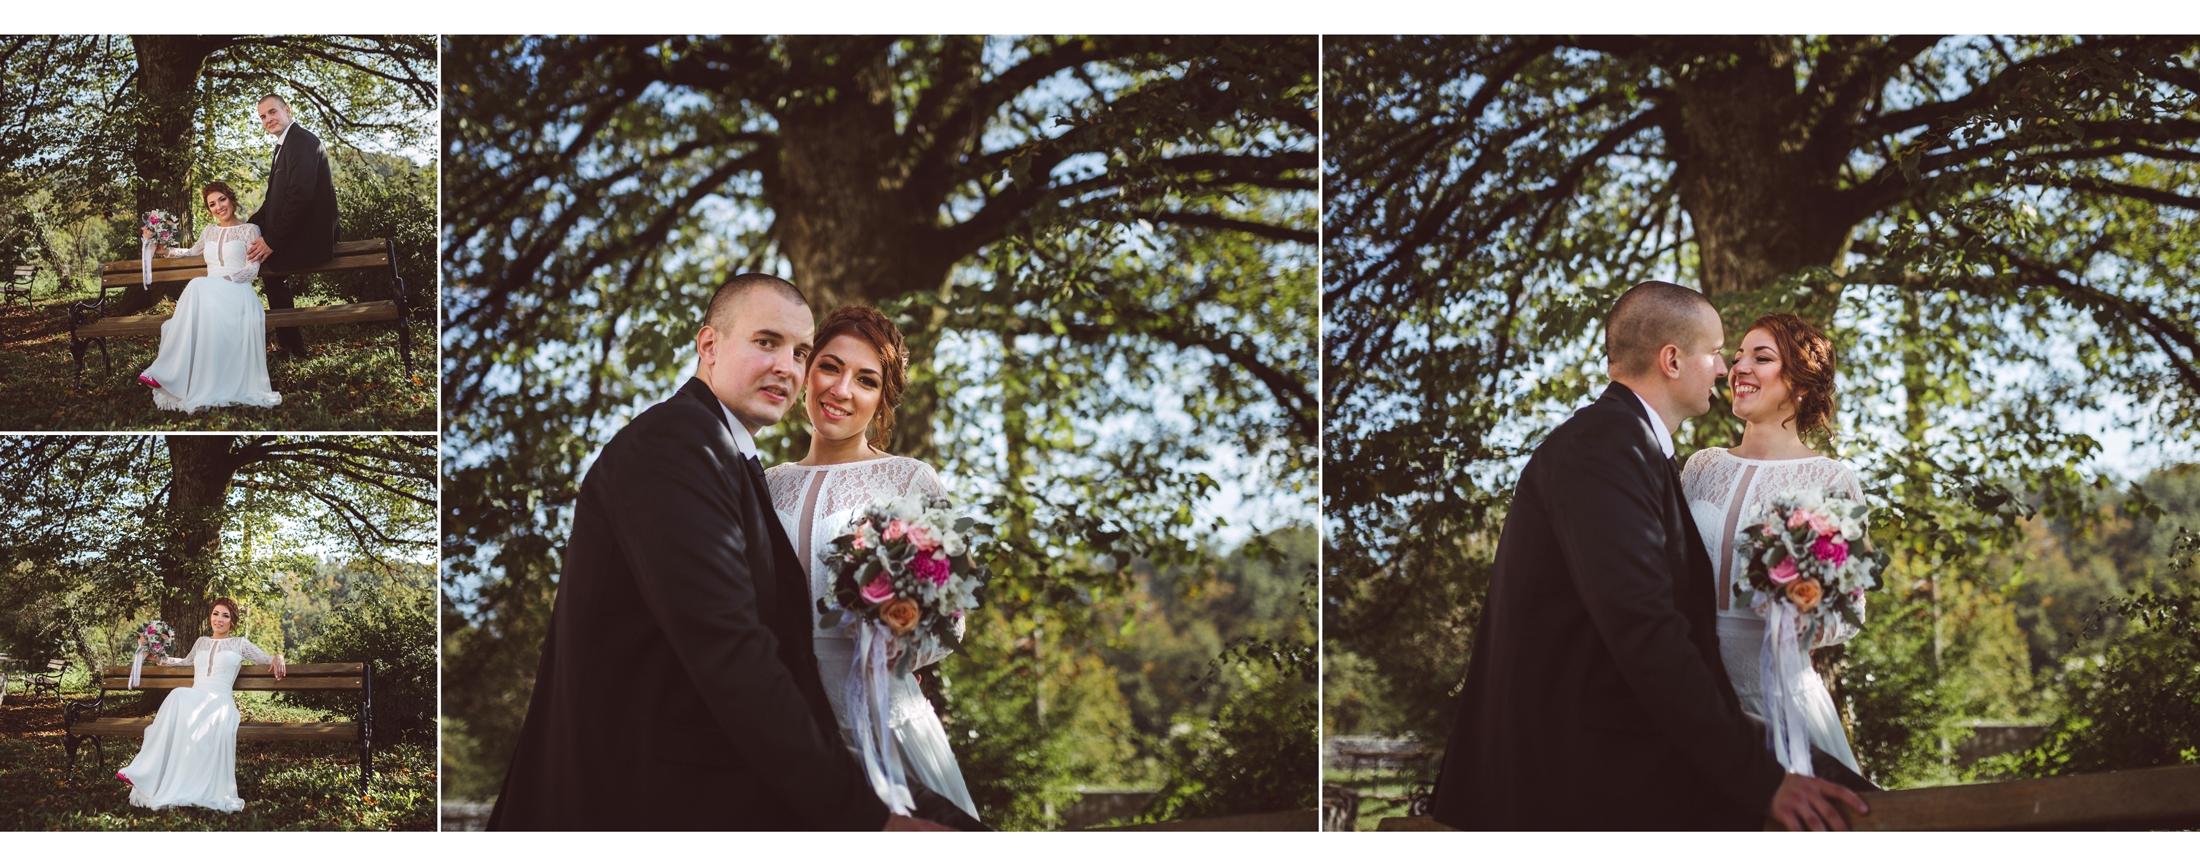 vjenčanje na dubovcu u prirodi